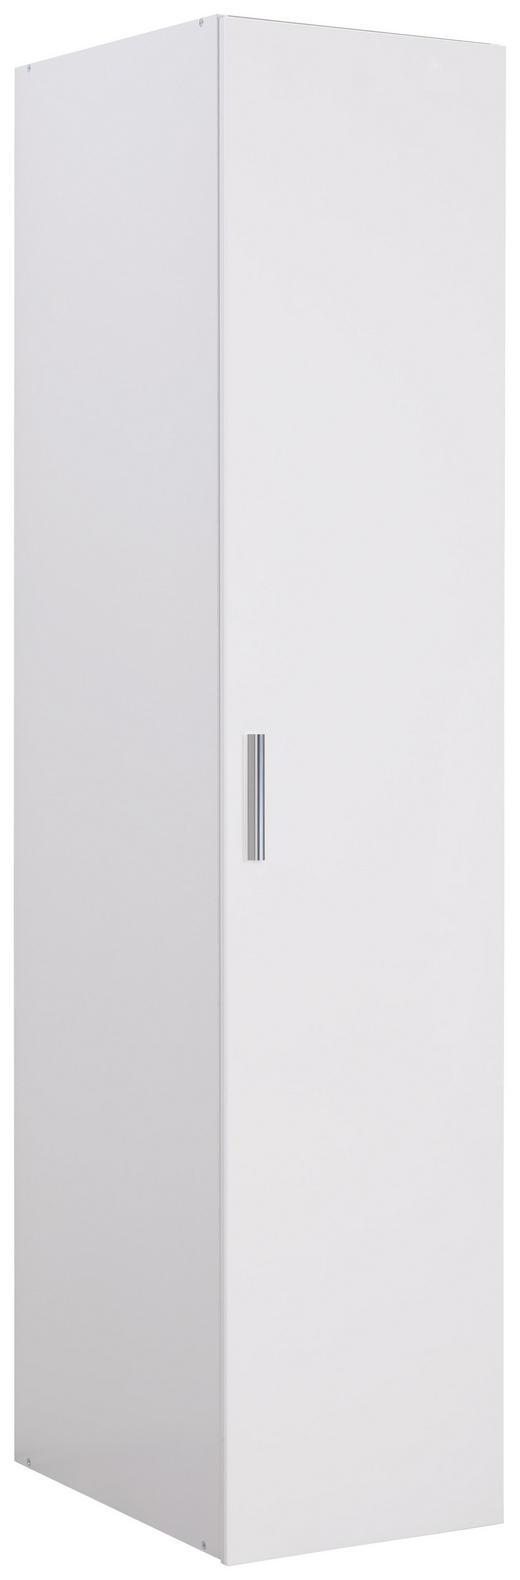 GARDEROBENSCHRANK 45/185/40 cm - Chromfarben/Weiß, Design, Holzwerkstoff/Kunststoff (45/185/40cm) - Xora